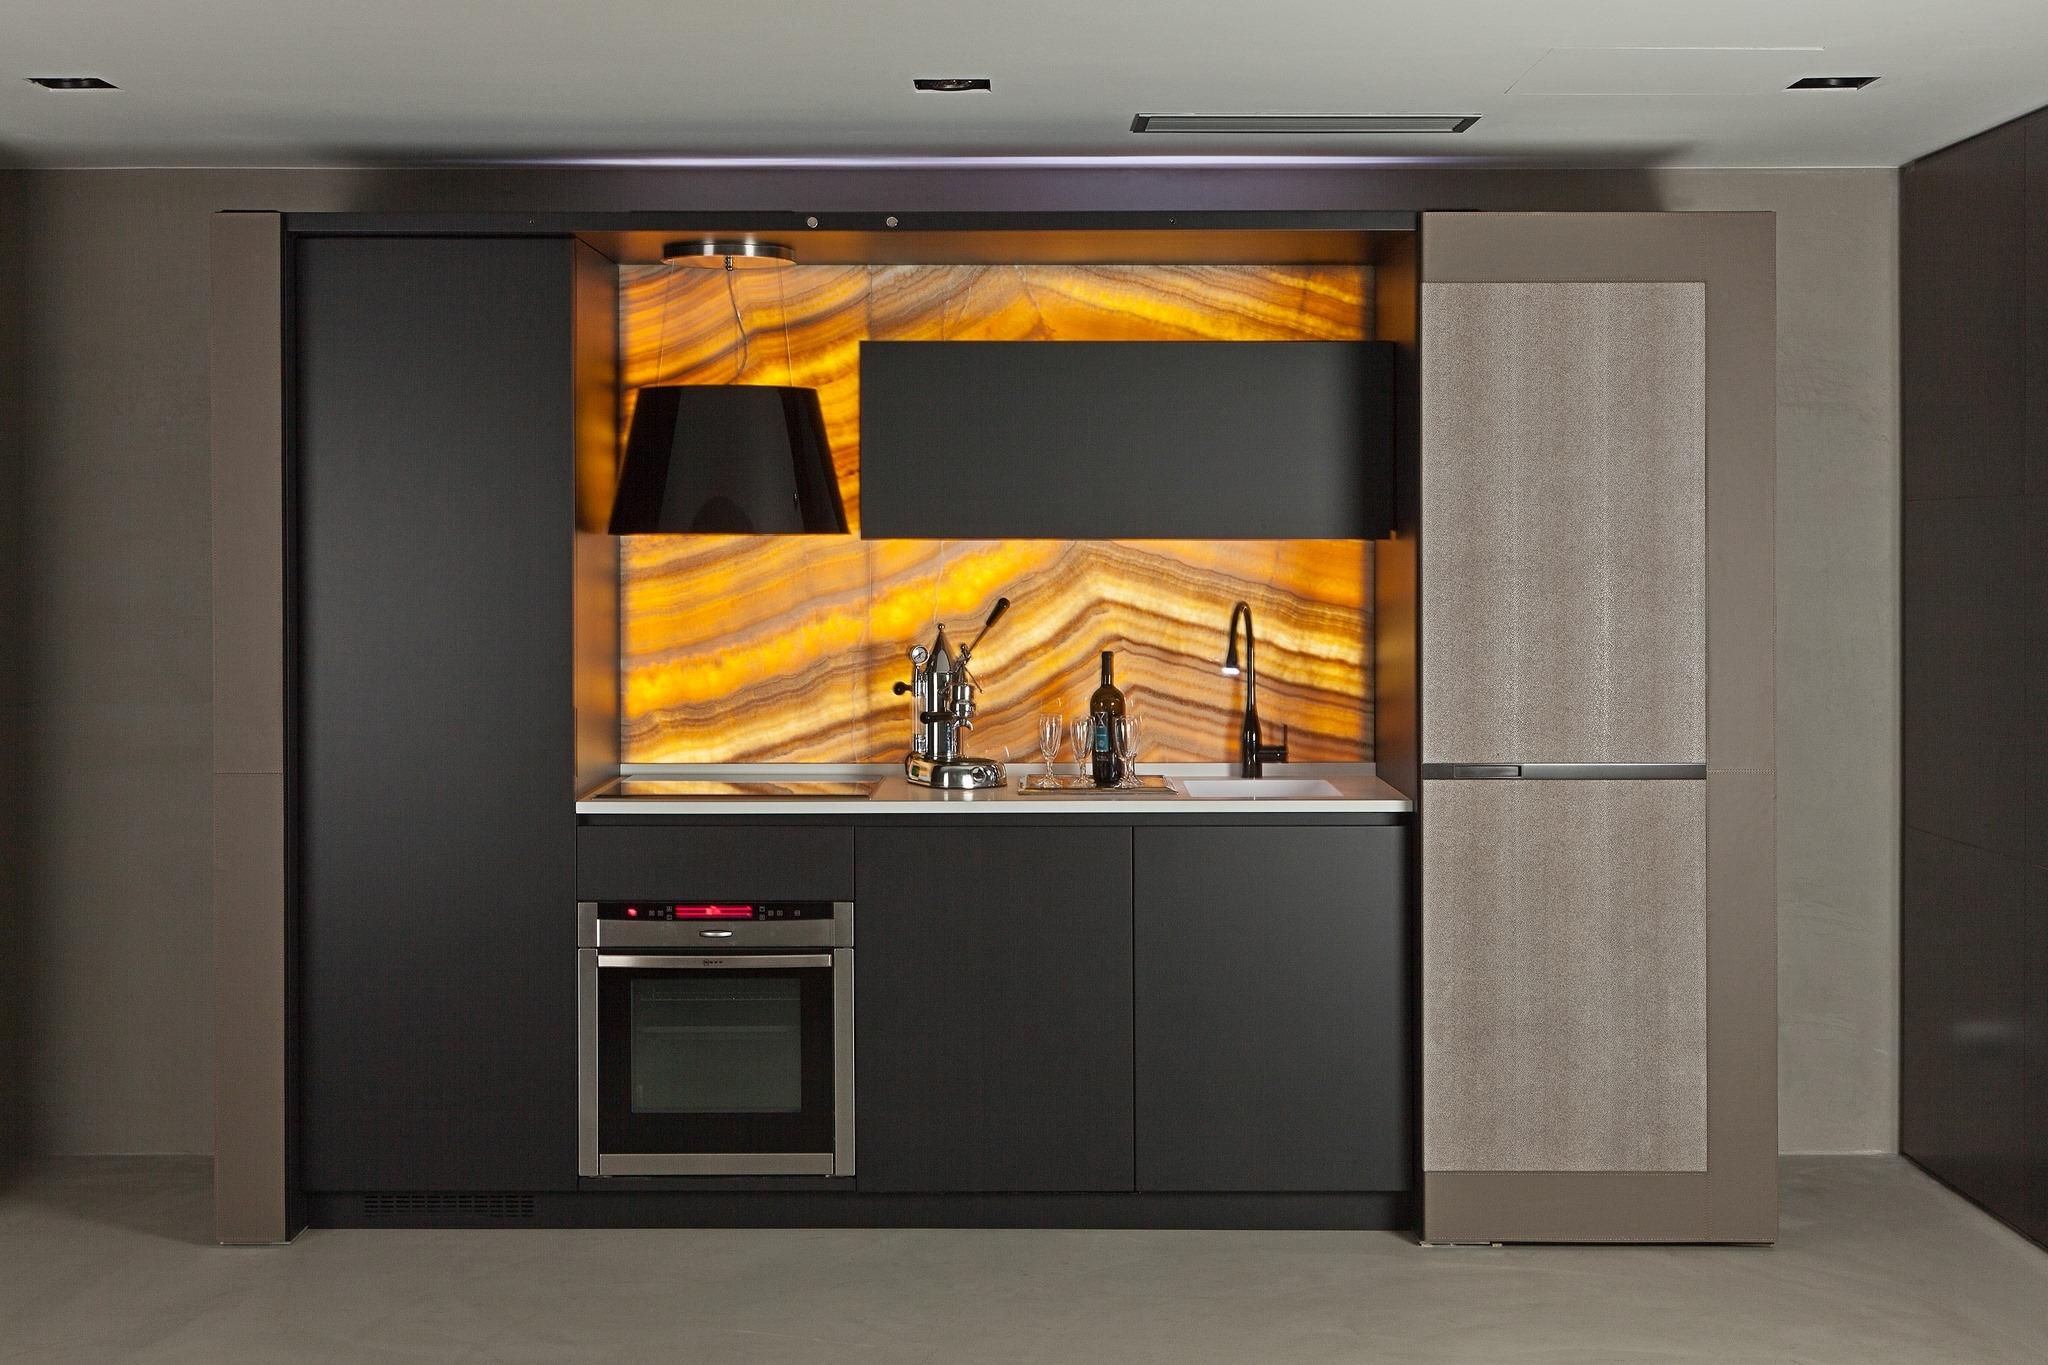 Quintessence cucina electra design cucine a prezzi scontati for Cucine per monolocali